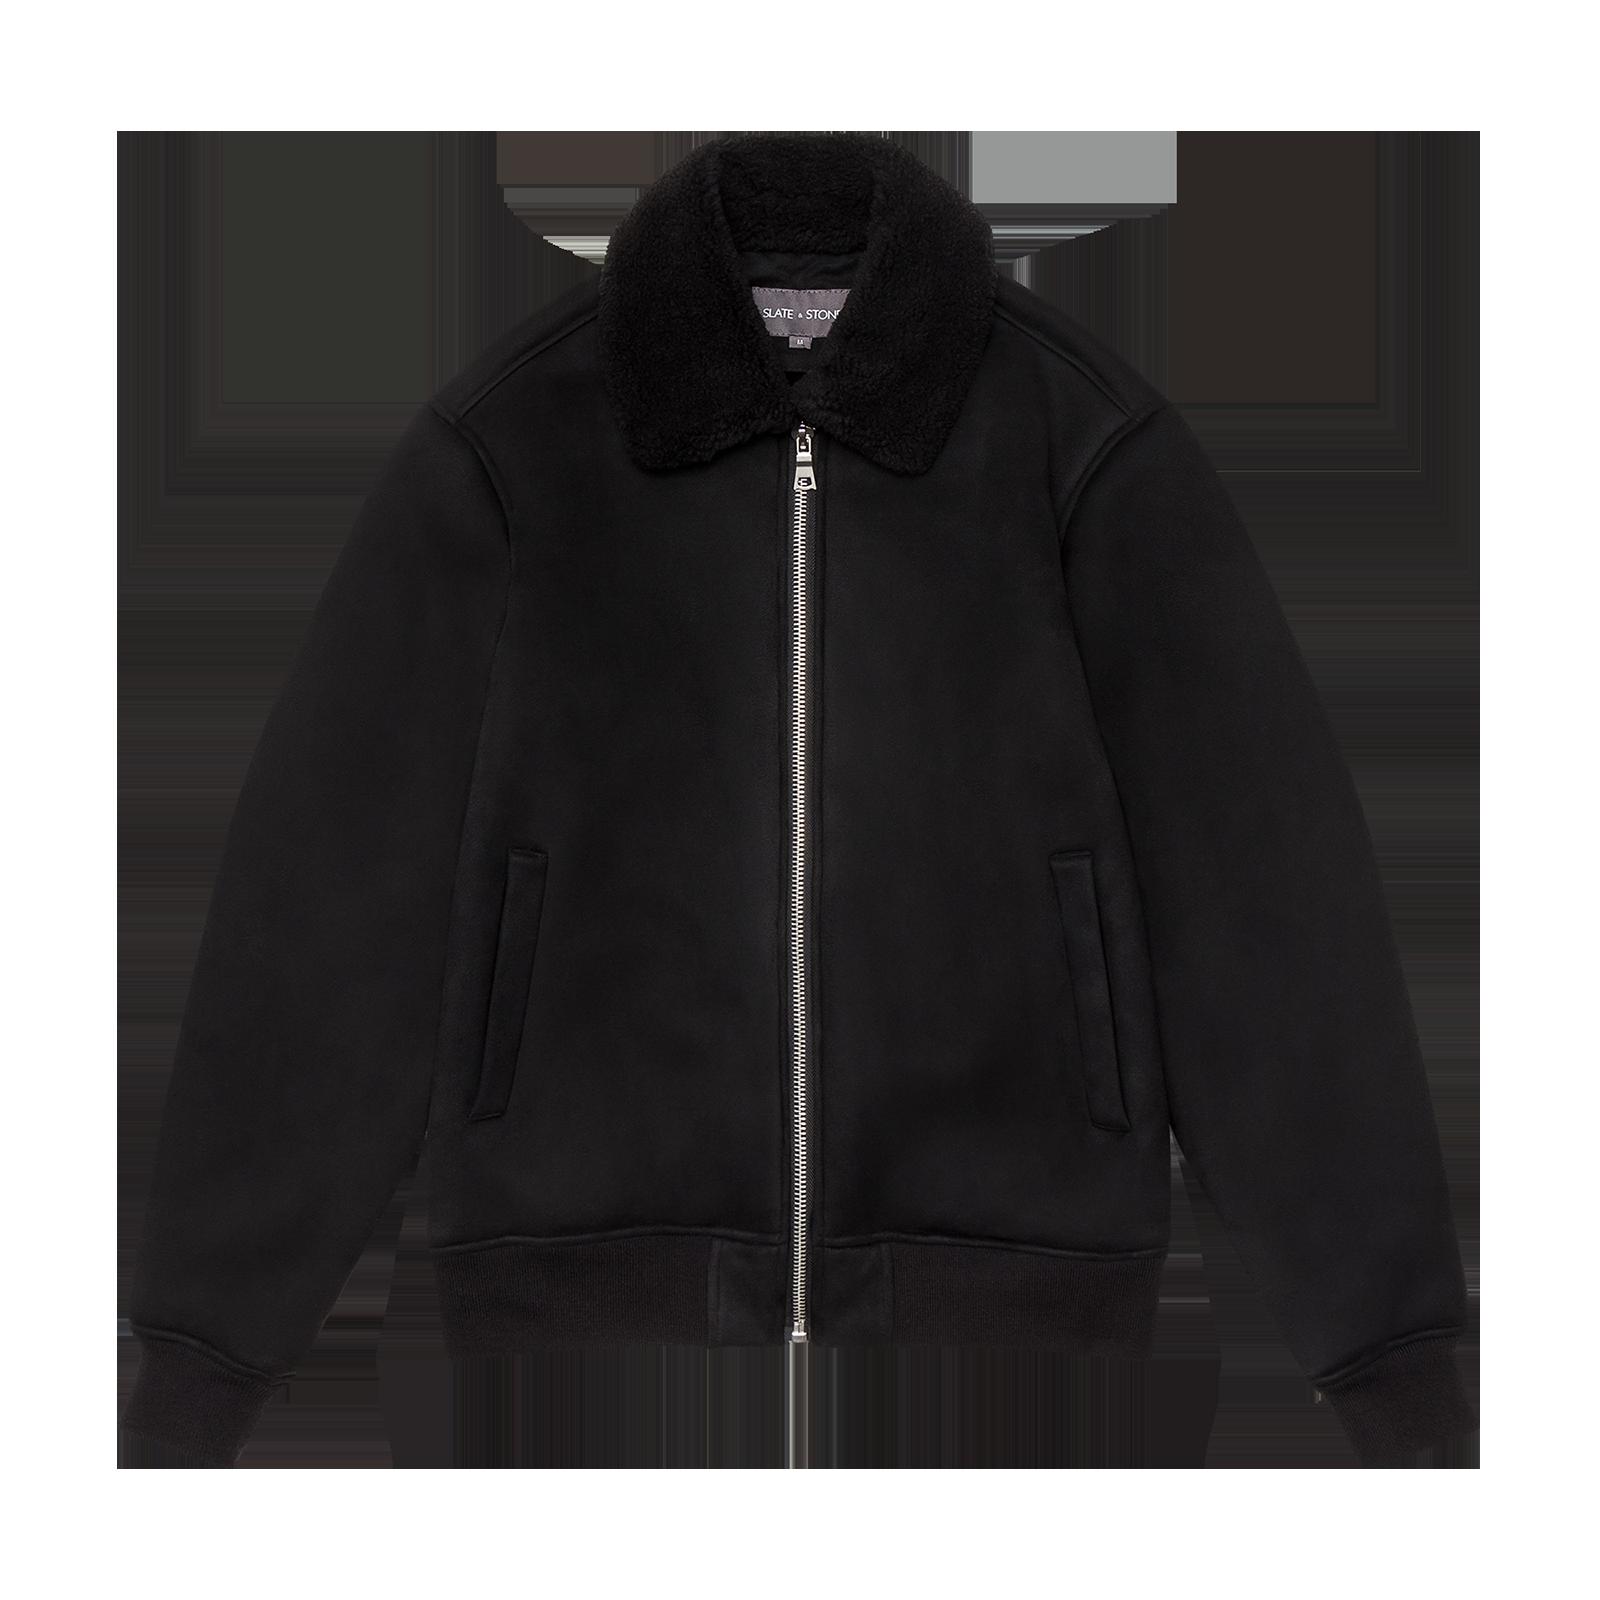 Winter jacket product image